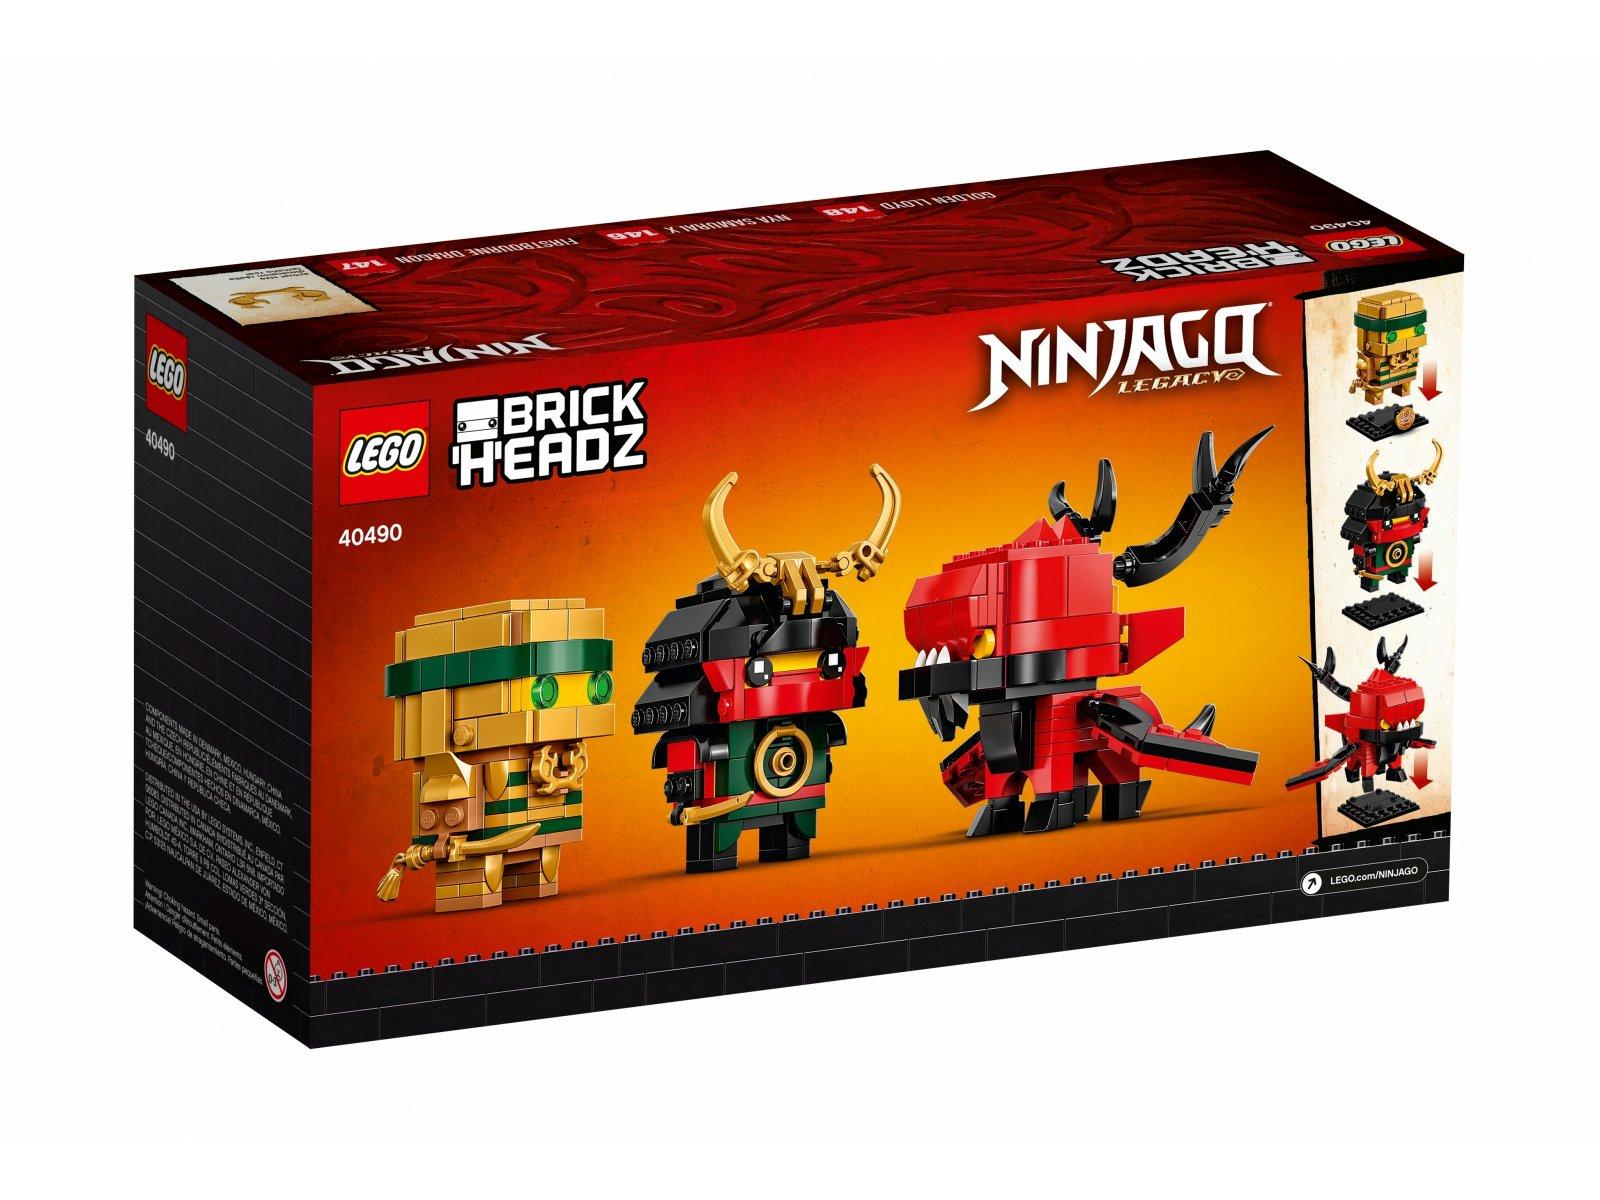 LEGO BrickHeadz NINJAGO® 10 40490